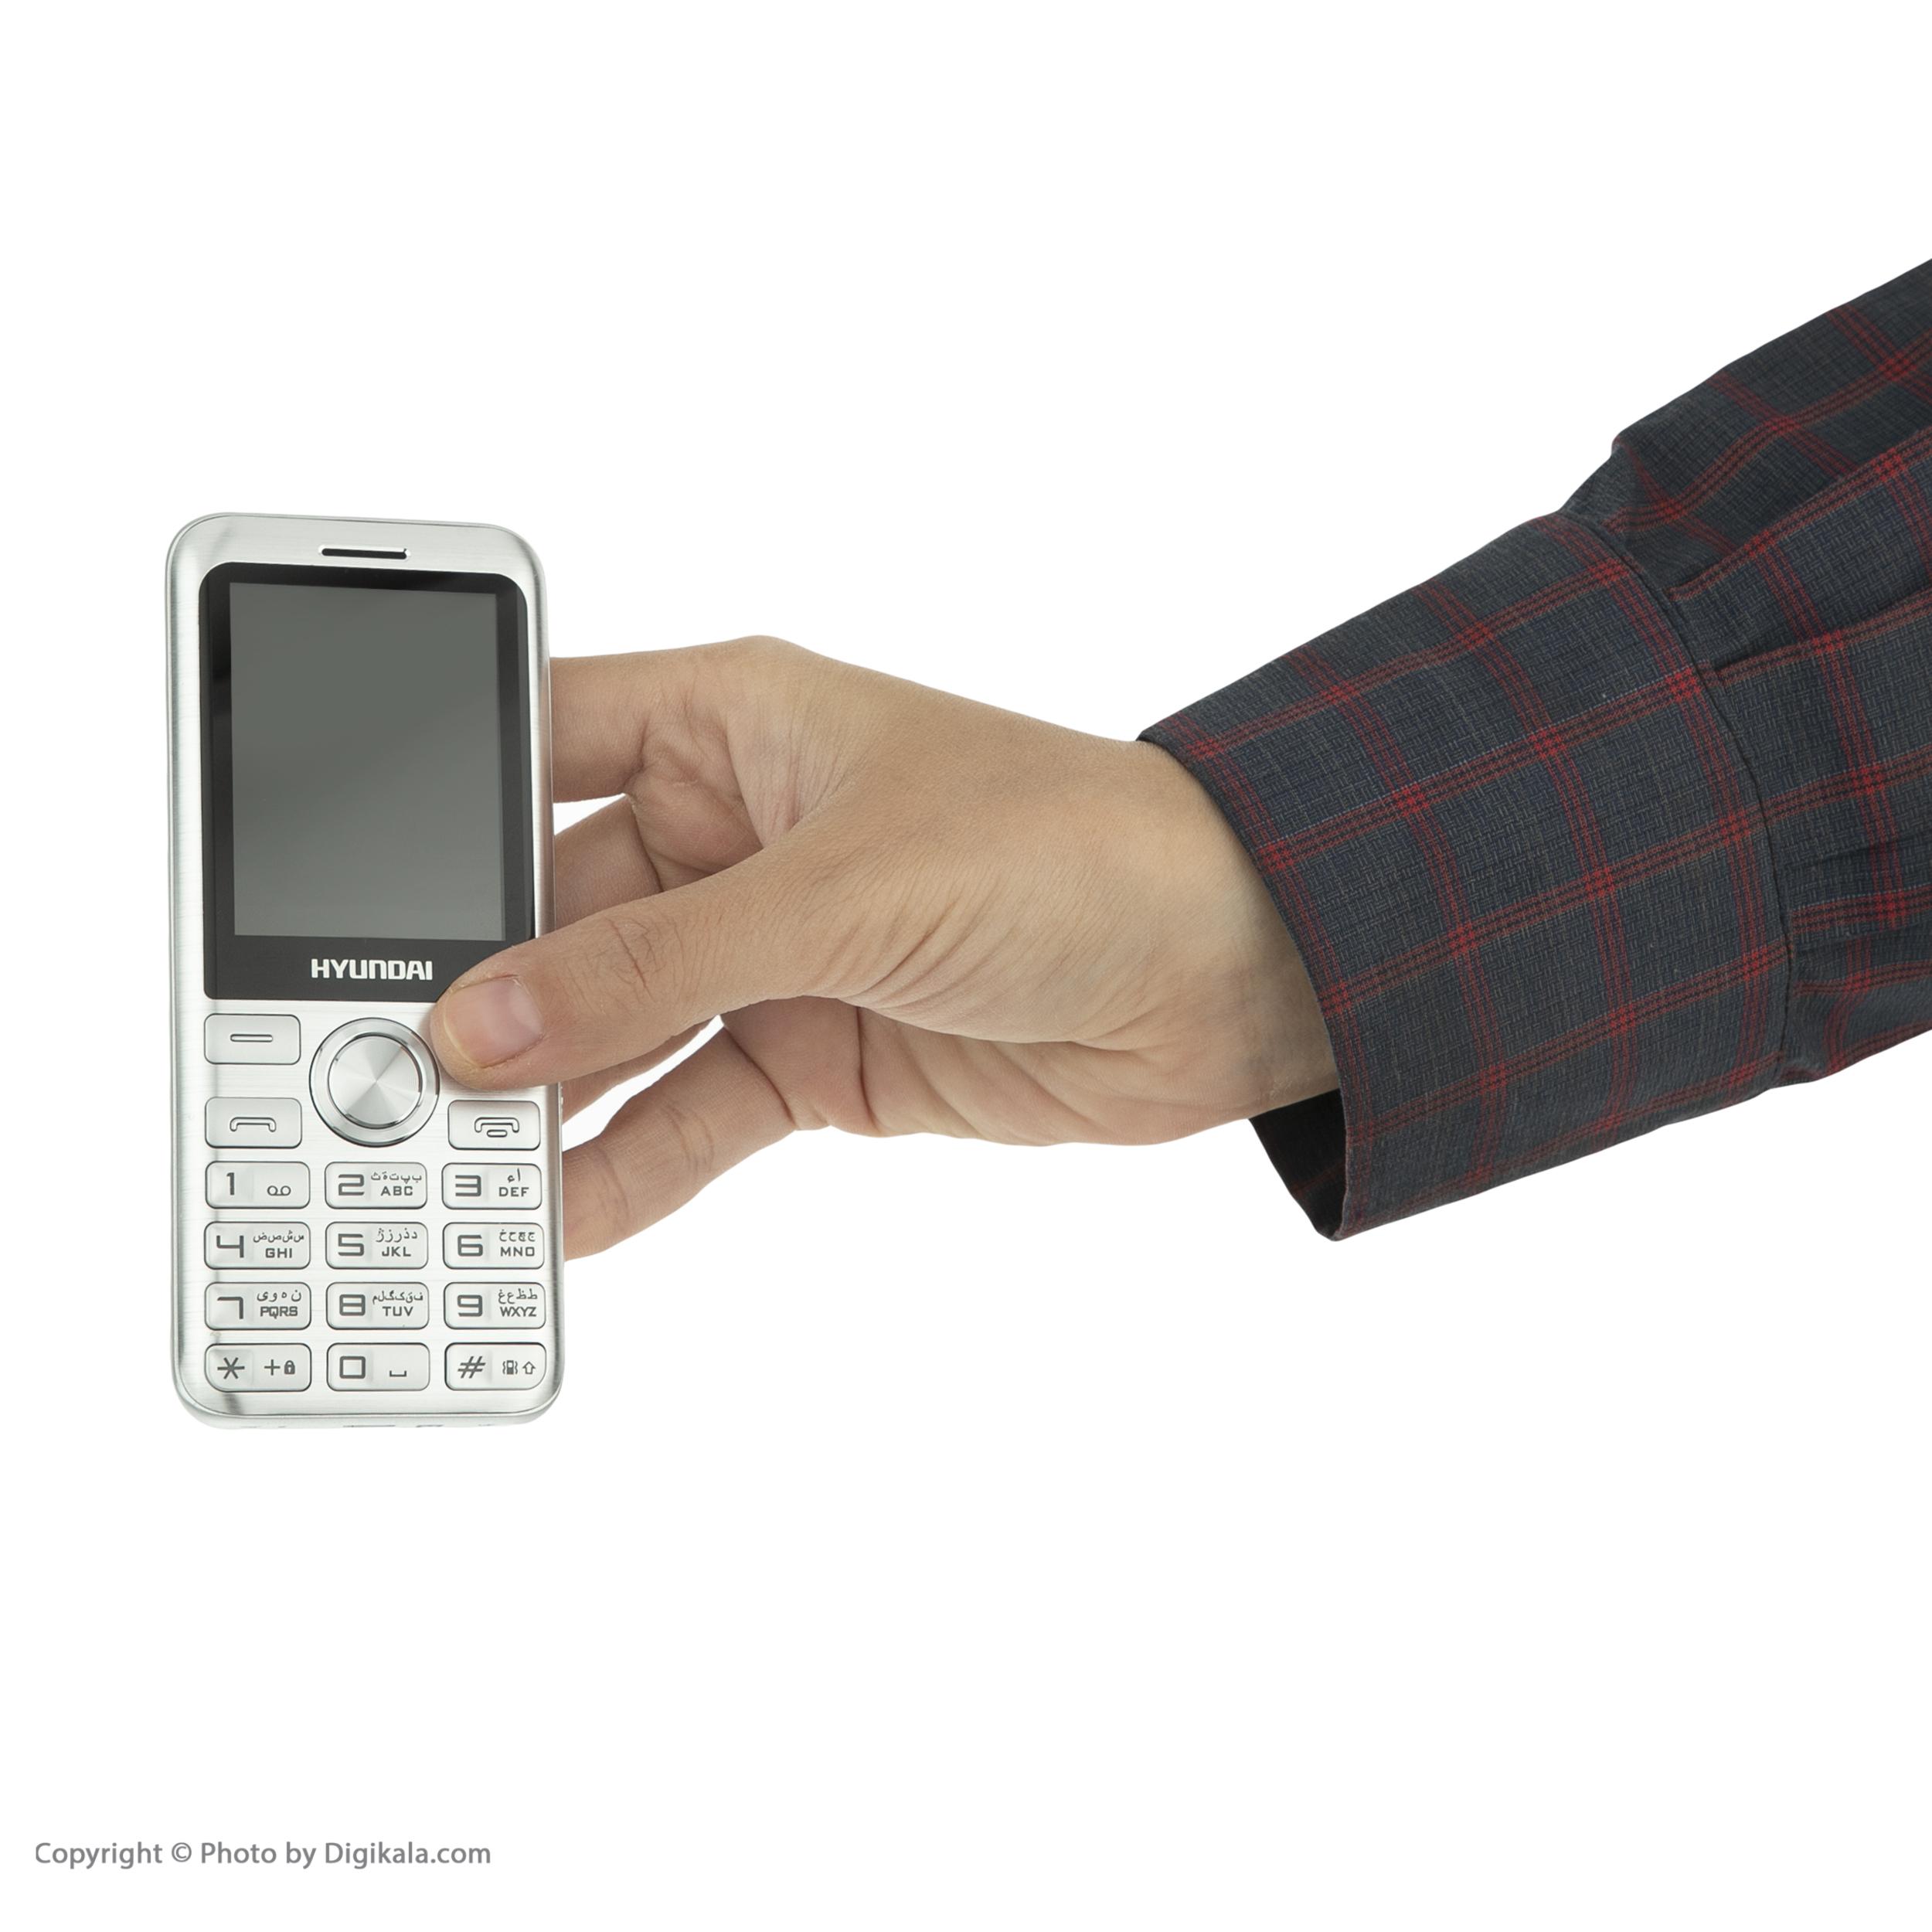 گوشی موبایل هیوندای مدل Seoul K3 دو سیم کارت main 1 13